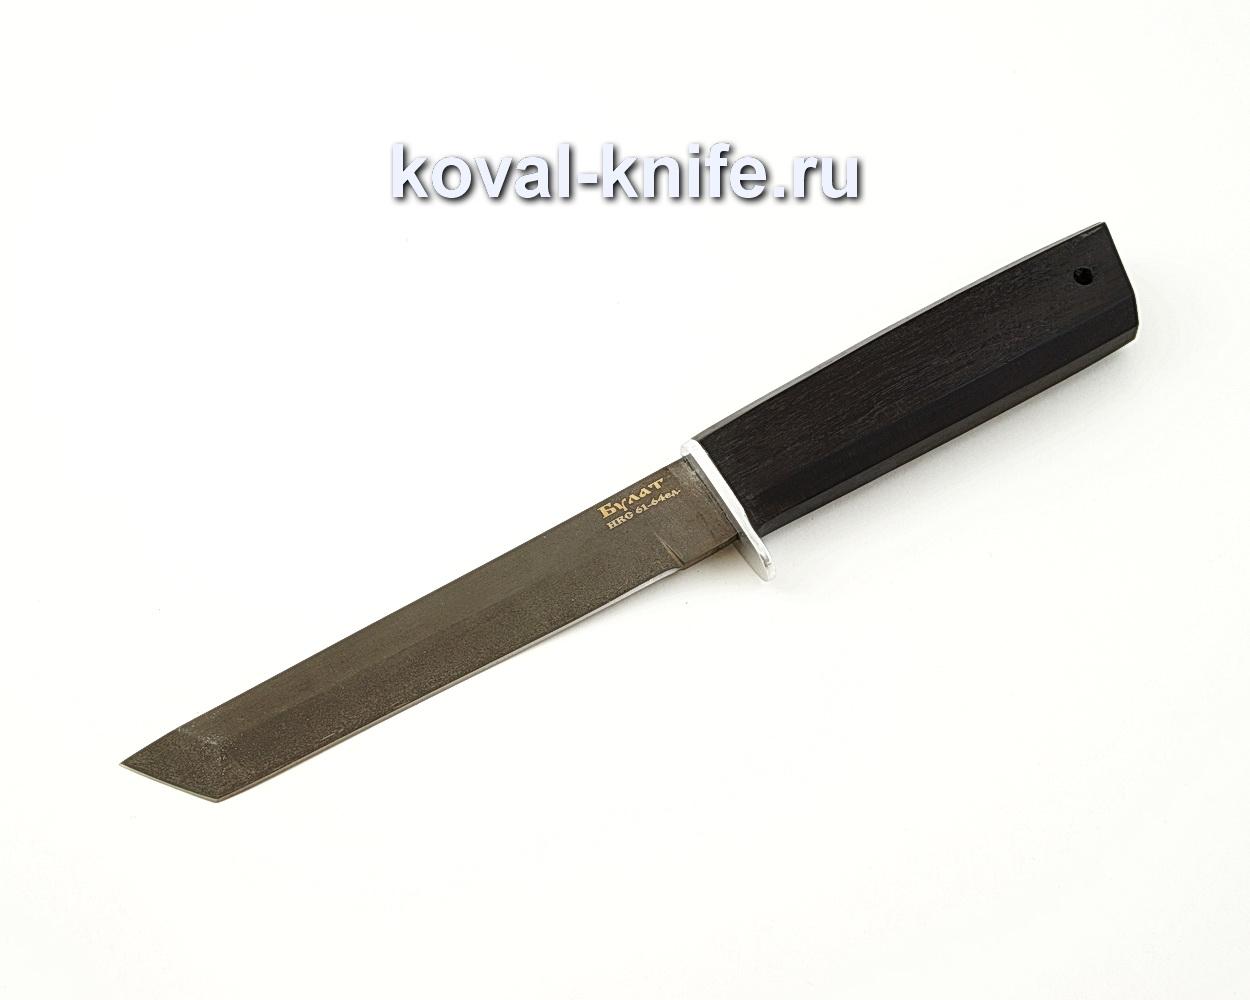 Нож Кобун из булатной стали с рукоятью из черного граба A550